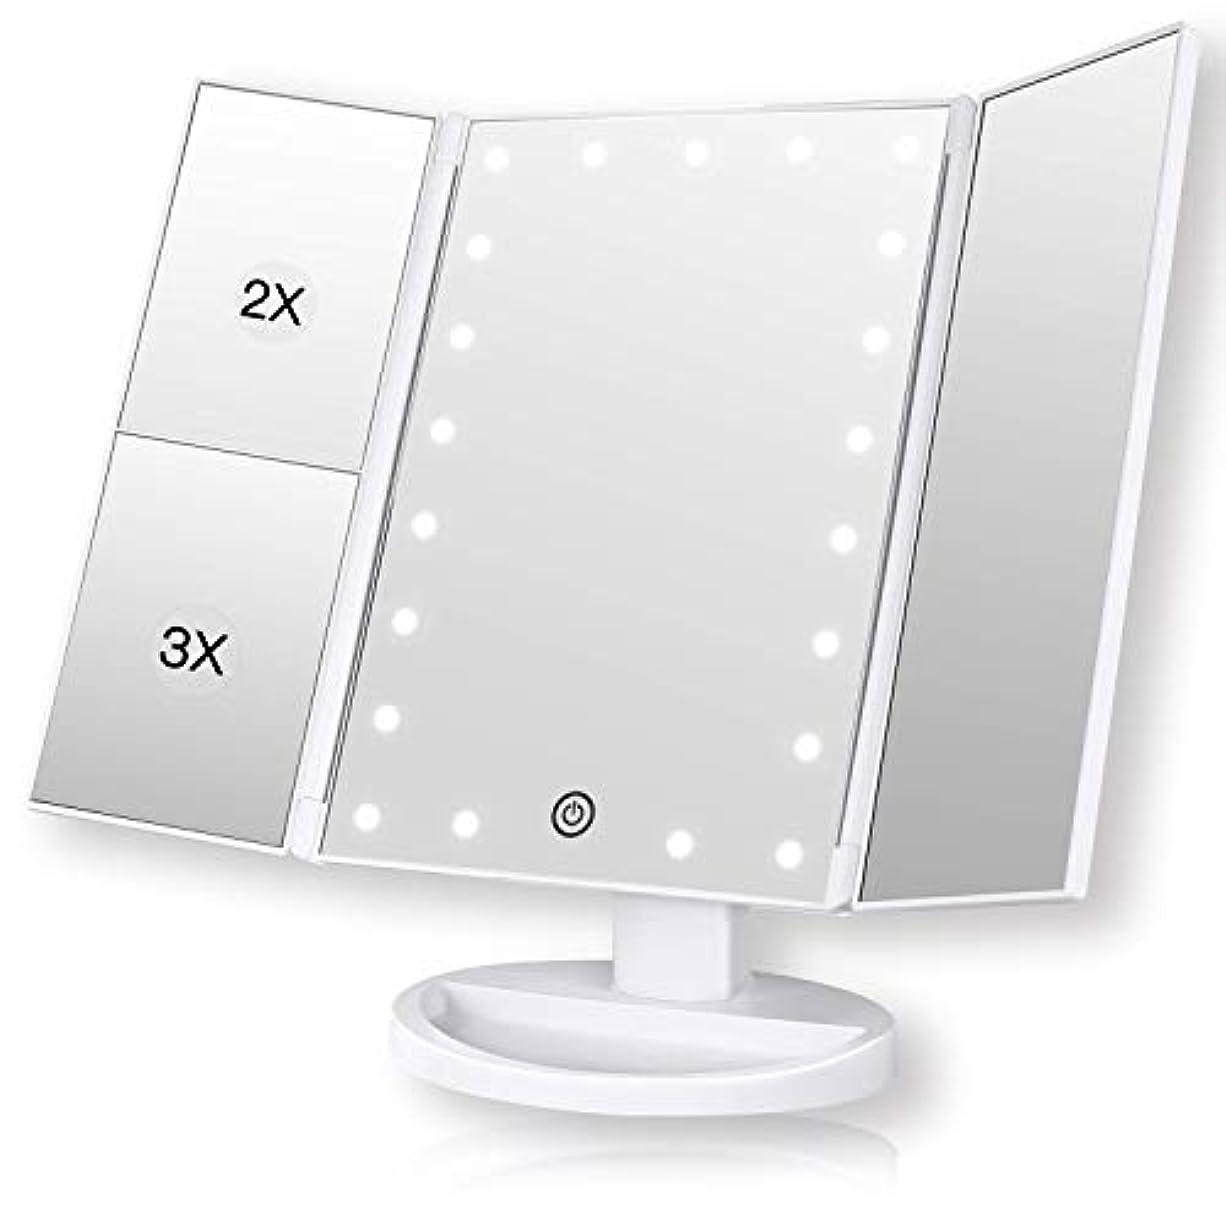 ROZZERMAN 化粧鏡 卓上ミラー 三面鏡 ledライト 女優ミラー 折りたたみ 持ち運び 拡大鏡 2倍 3倍 角度調整